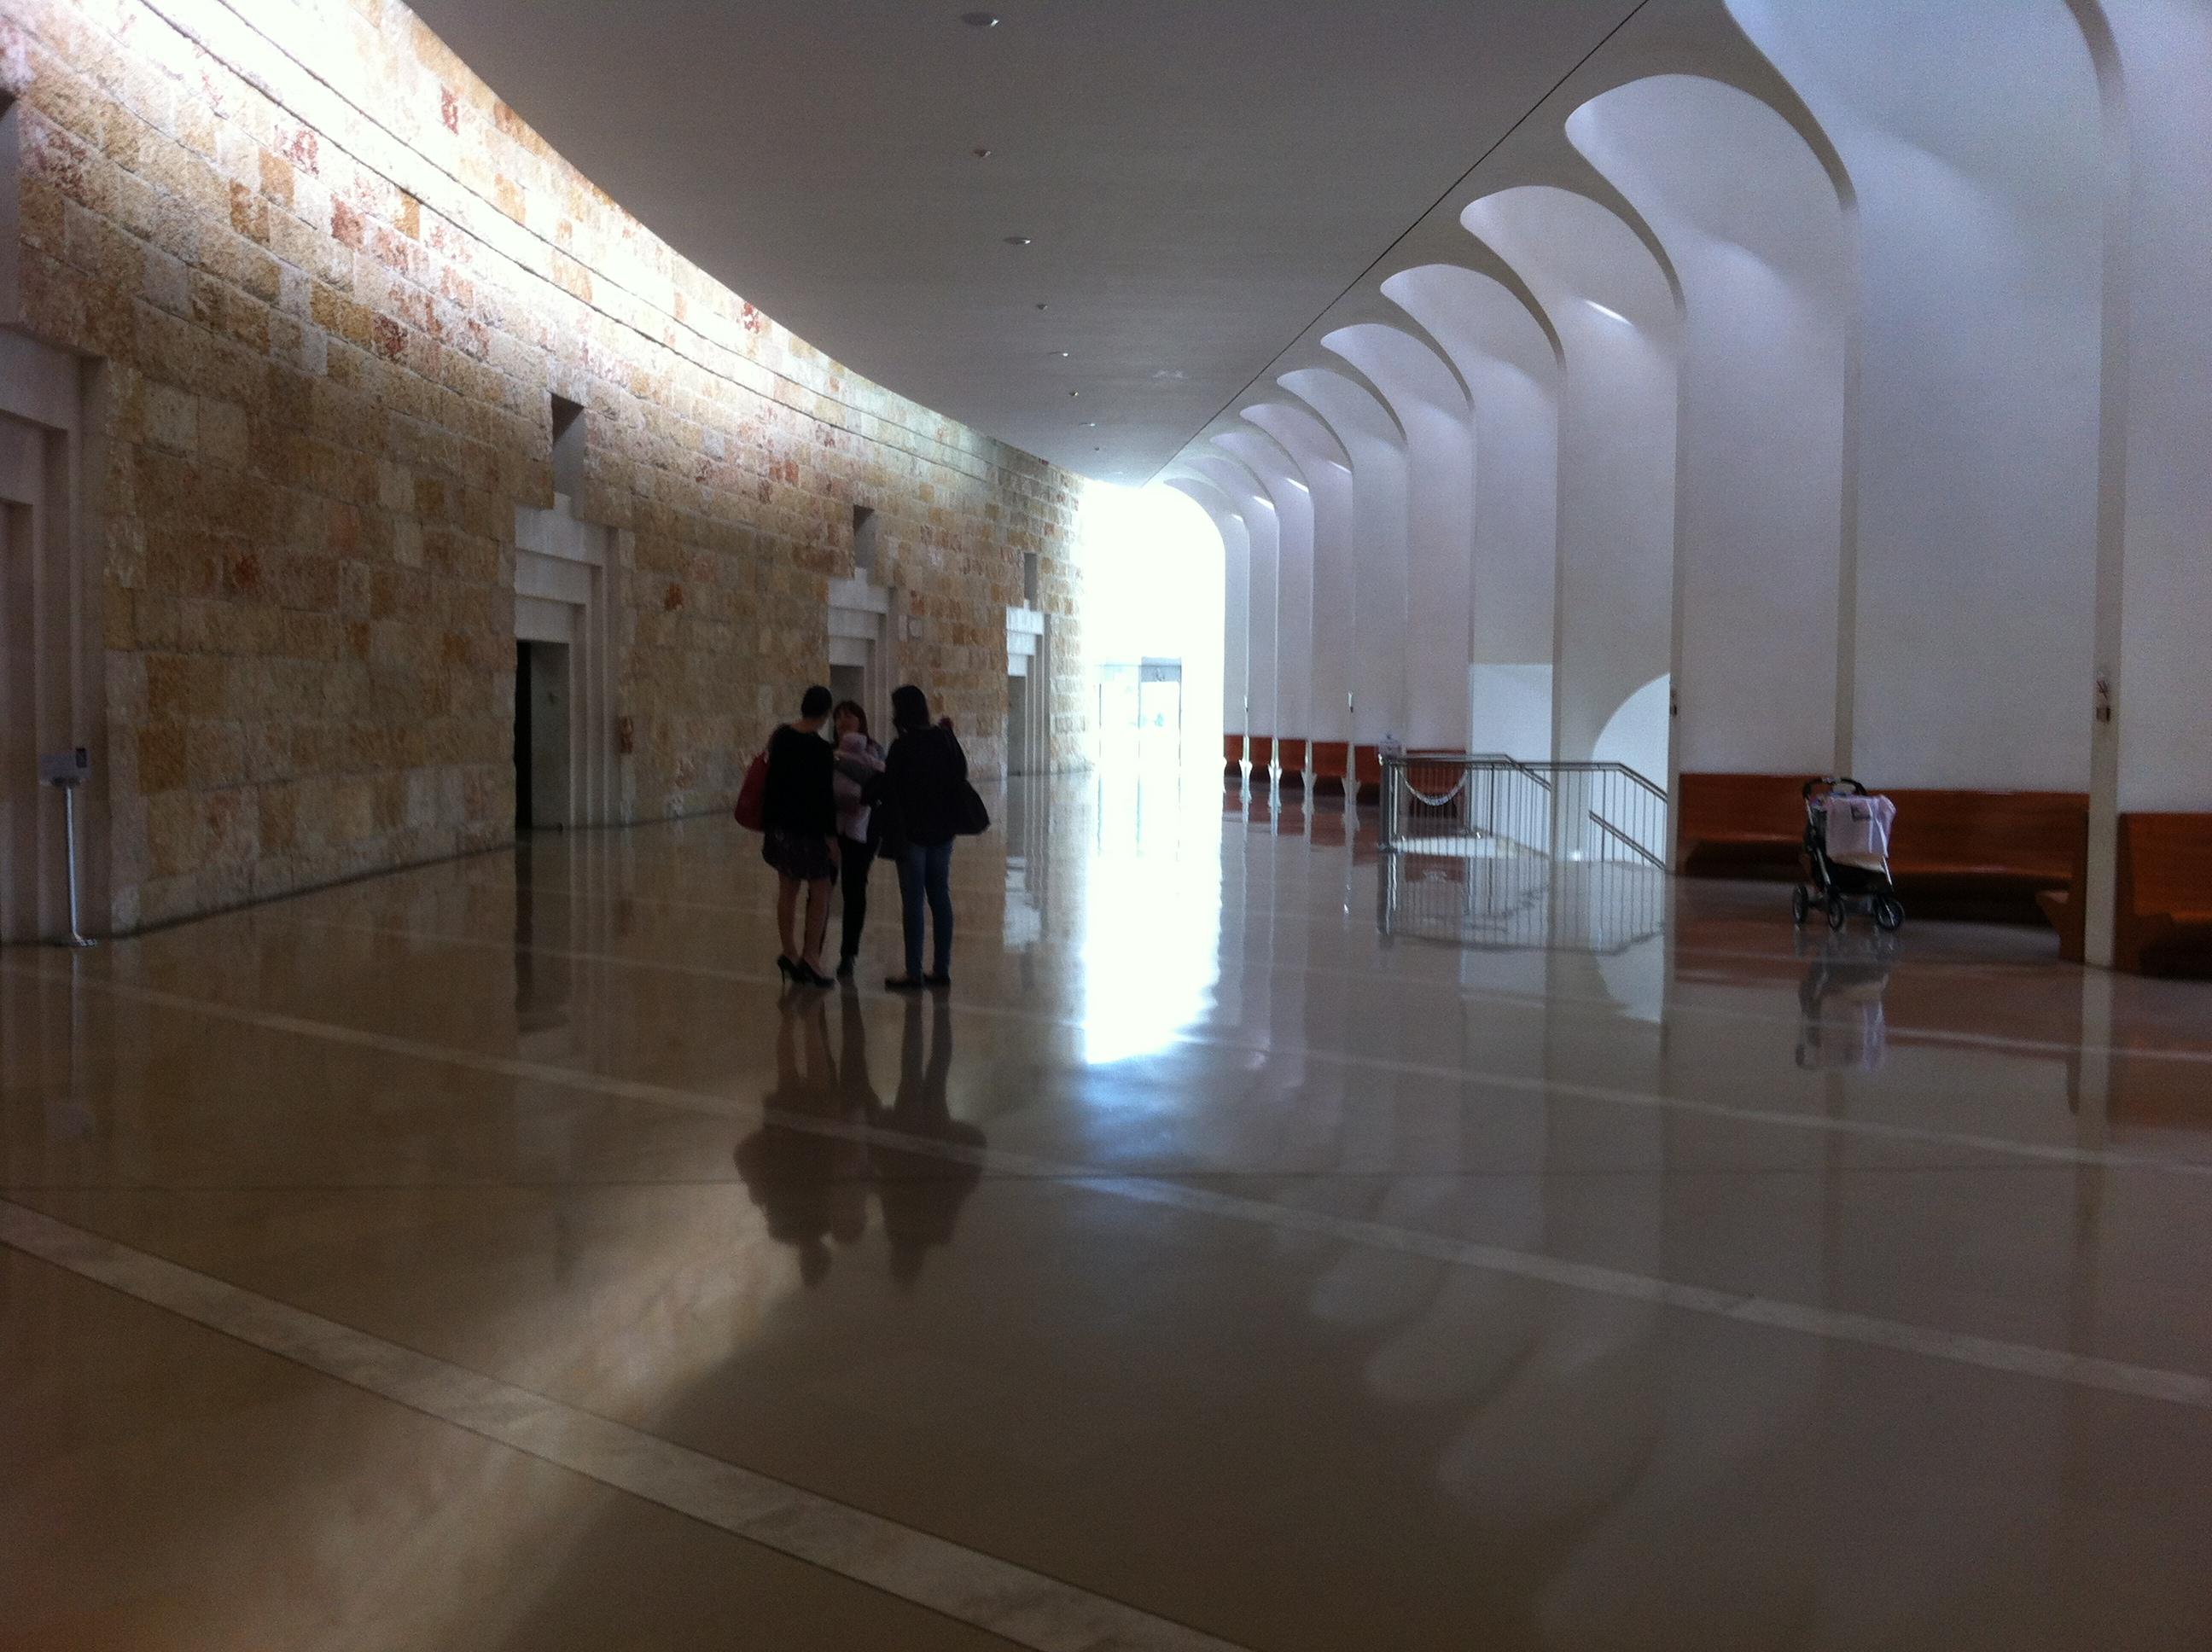 שימוש באור טבעי להמחשת הגישה אל החוק, מבואת בית המשפט העליון בירושלים. צילום: כרמל חנני